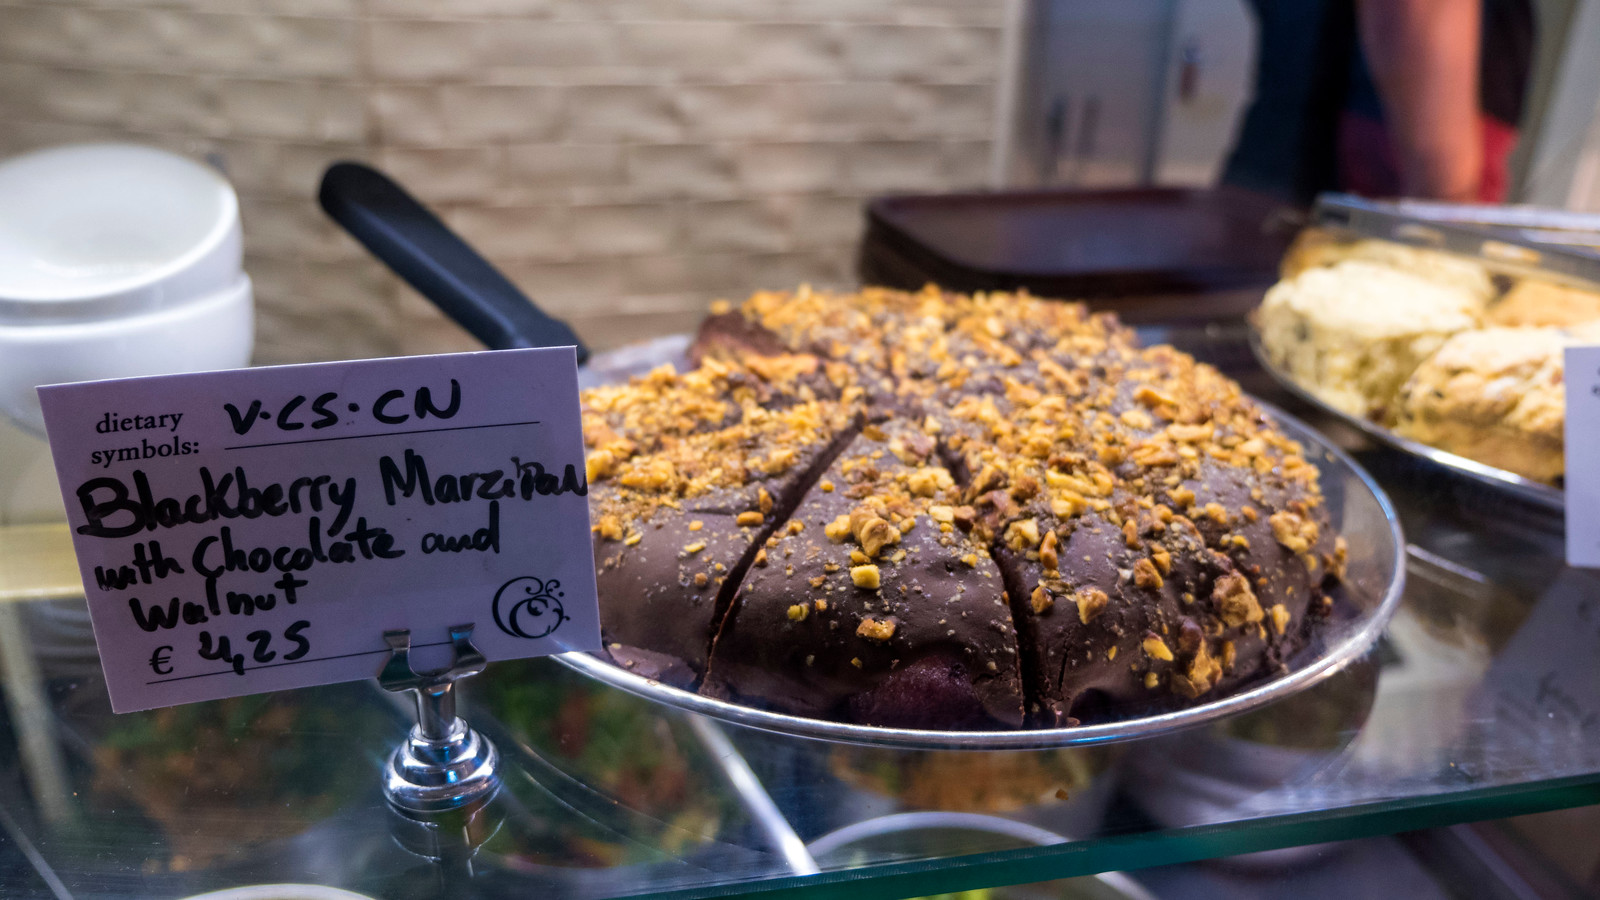 Cornucopia Dublin - Vegan & Vegetarian Restaurant